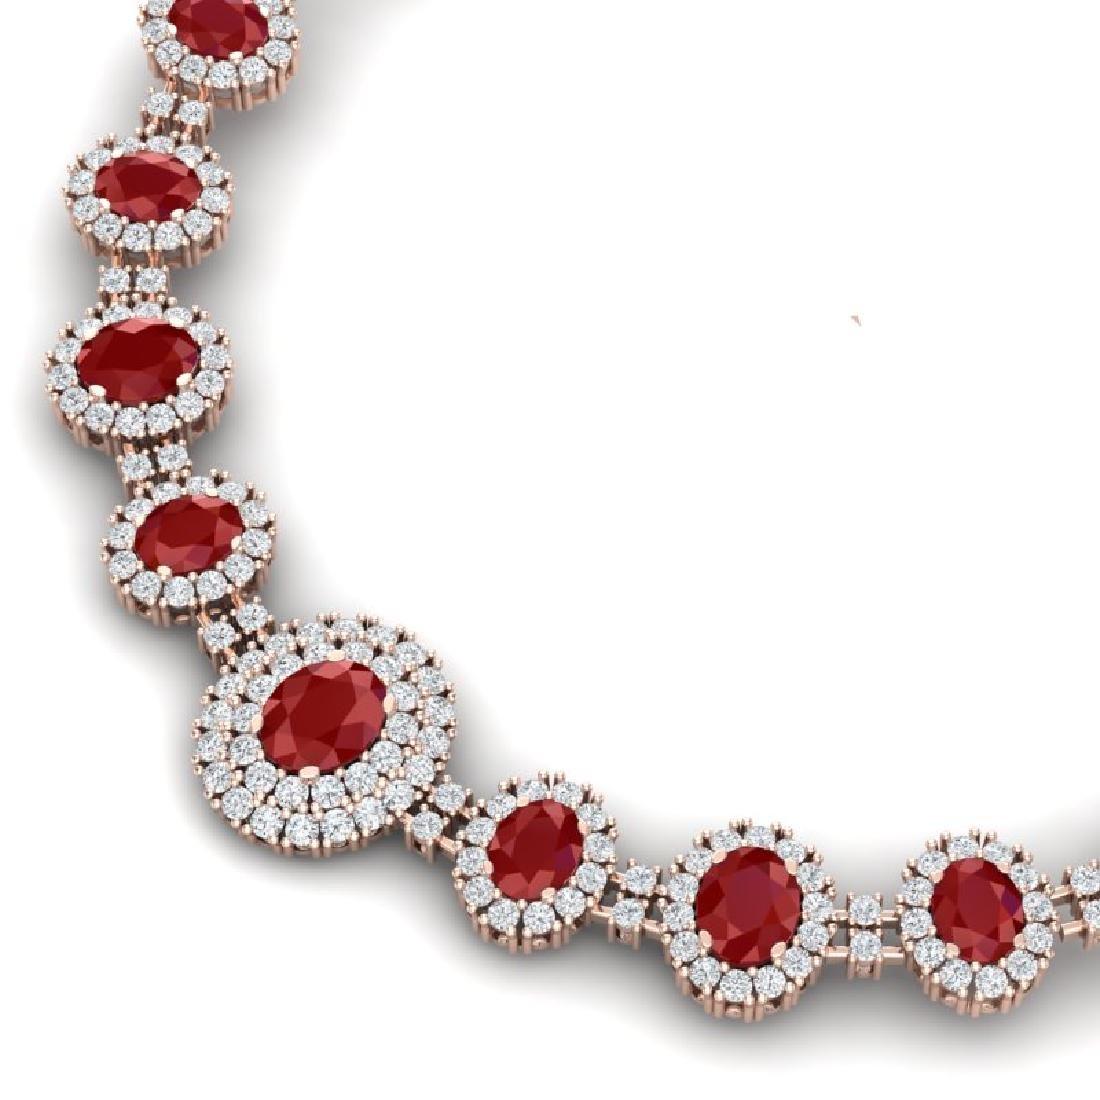 45.69 CTW Royalty Ruby & VS Diamond Necklace 18K Rose - 2